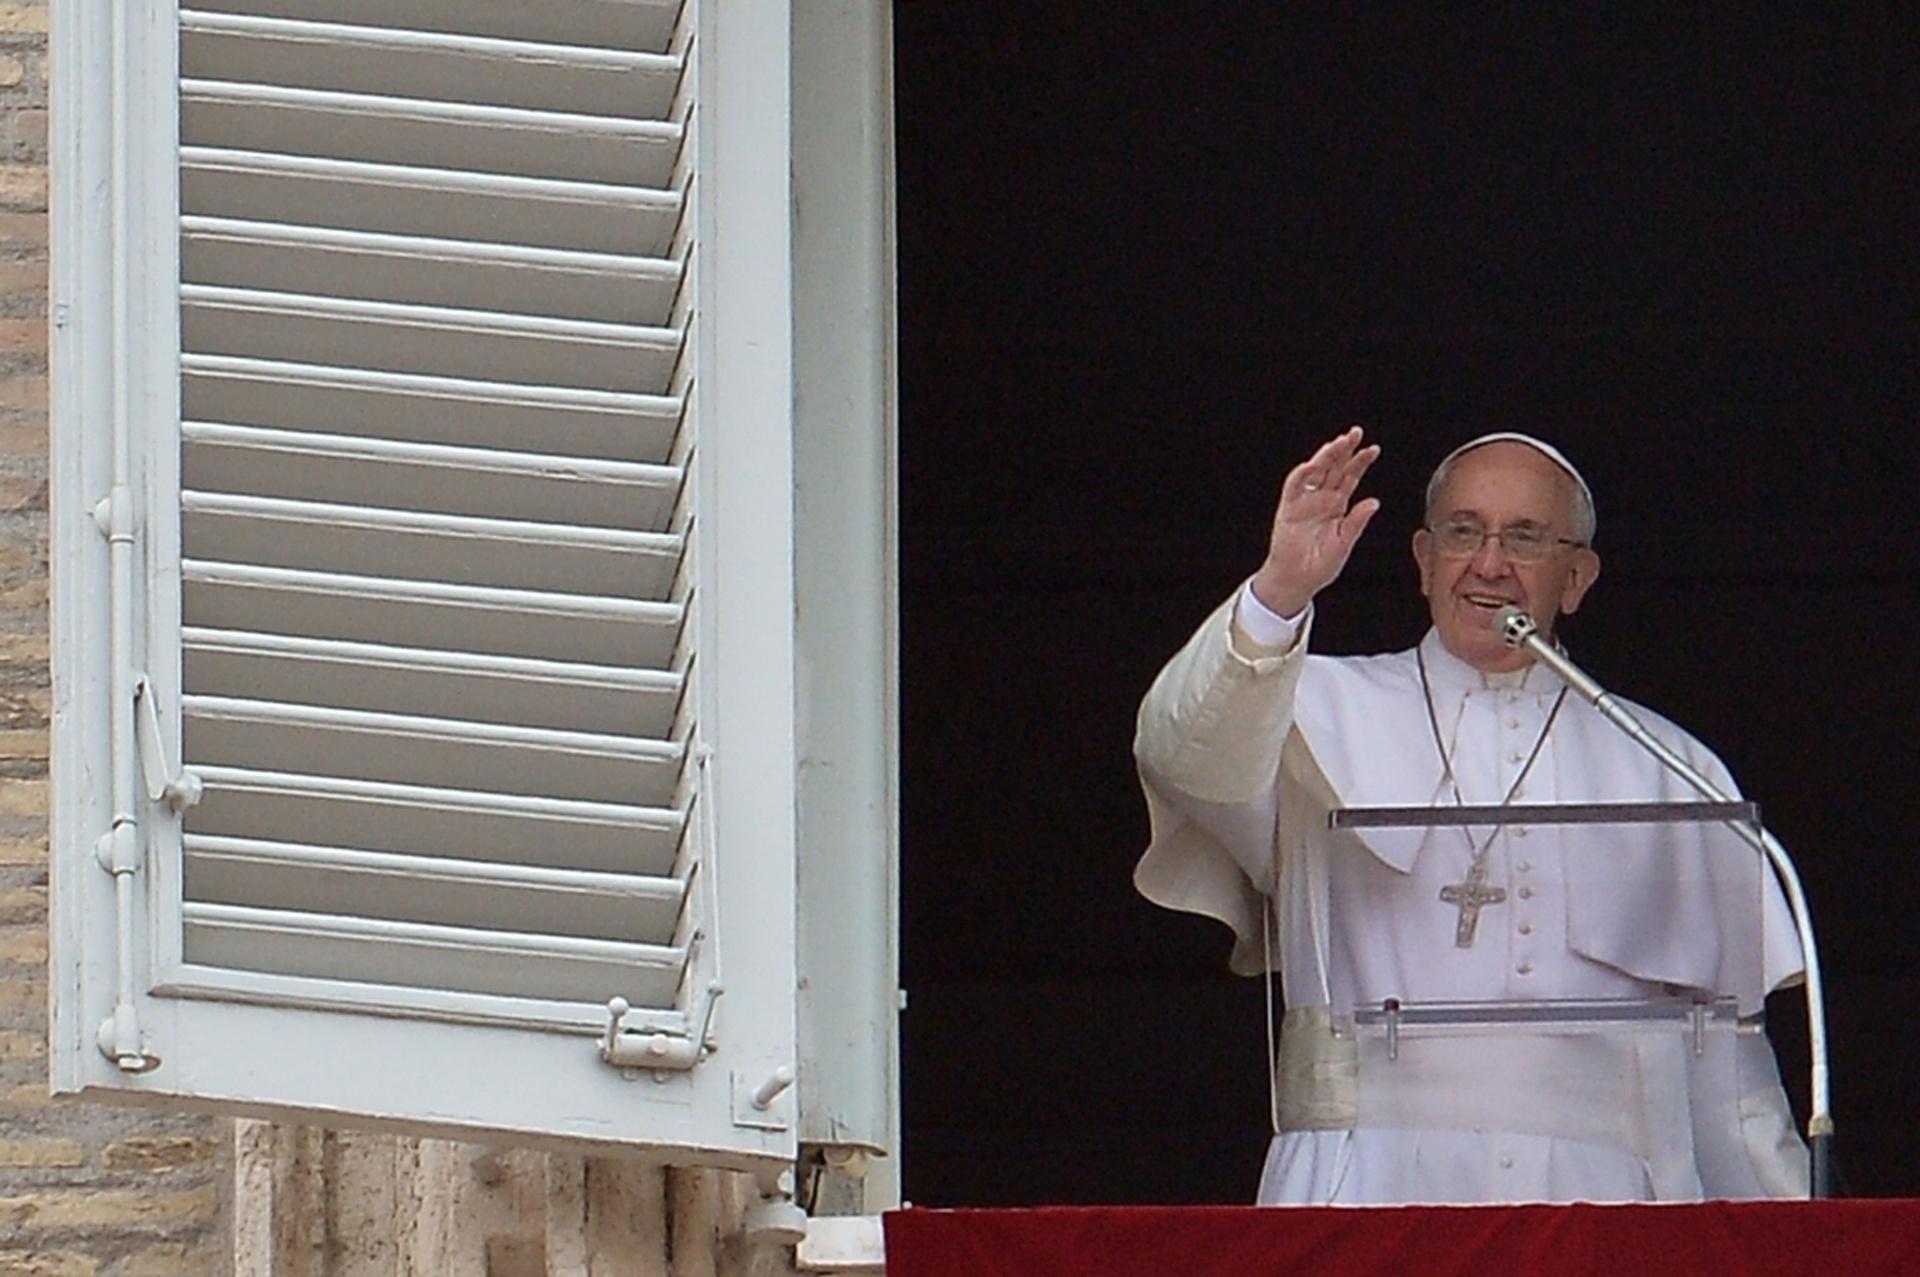 22.mar.2015 - O papa Francisco fez neste domingo (22) uma chamada à comunidade internacional para que proteja a água e garanta seu acesso universal, no Dia Internacional de Água, promovido pelas Nações Unidas.